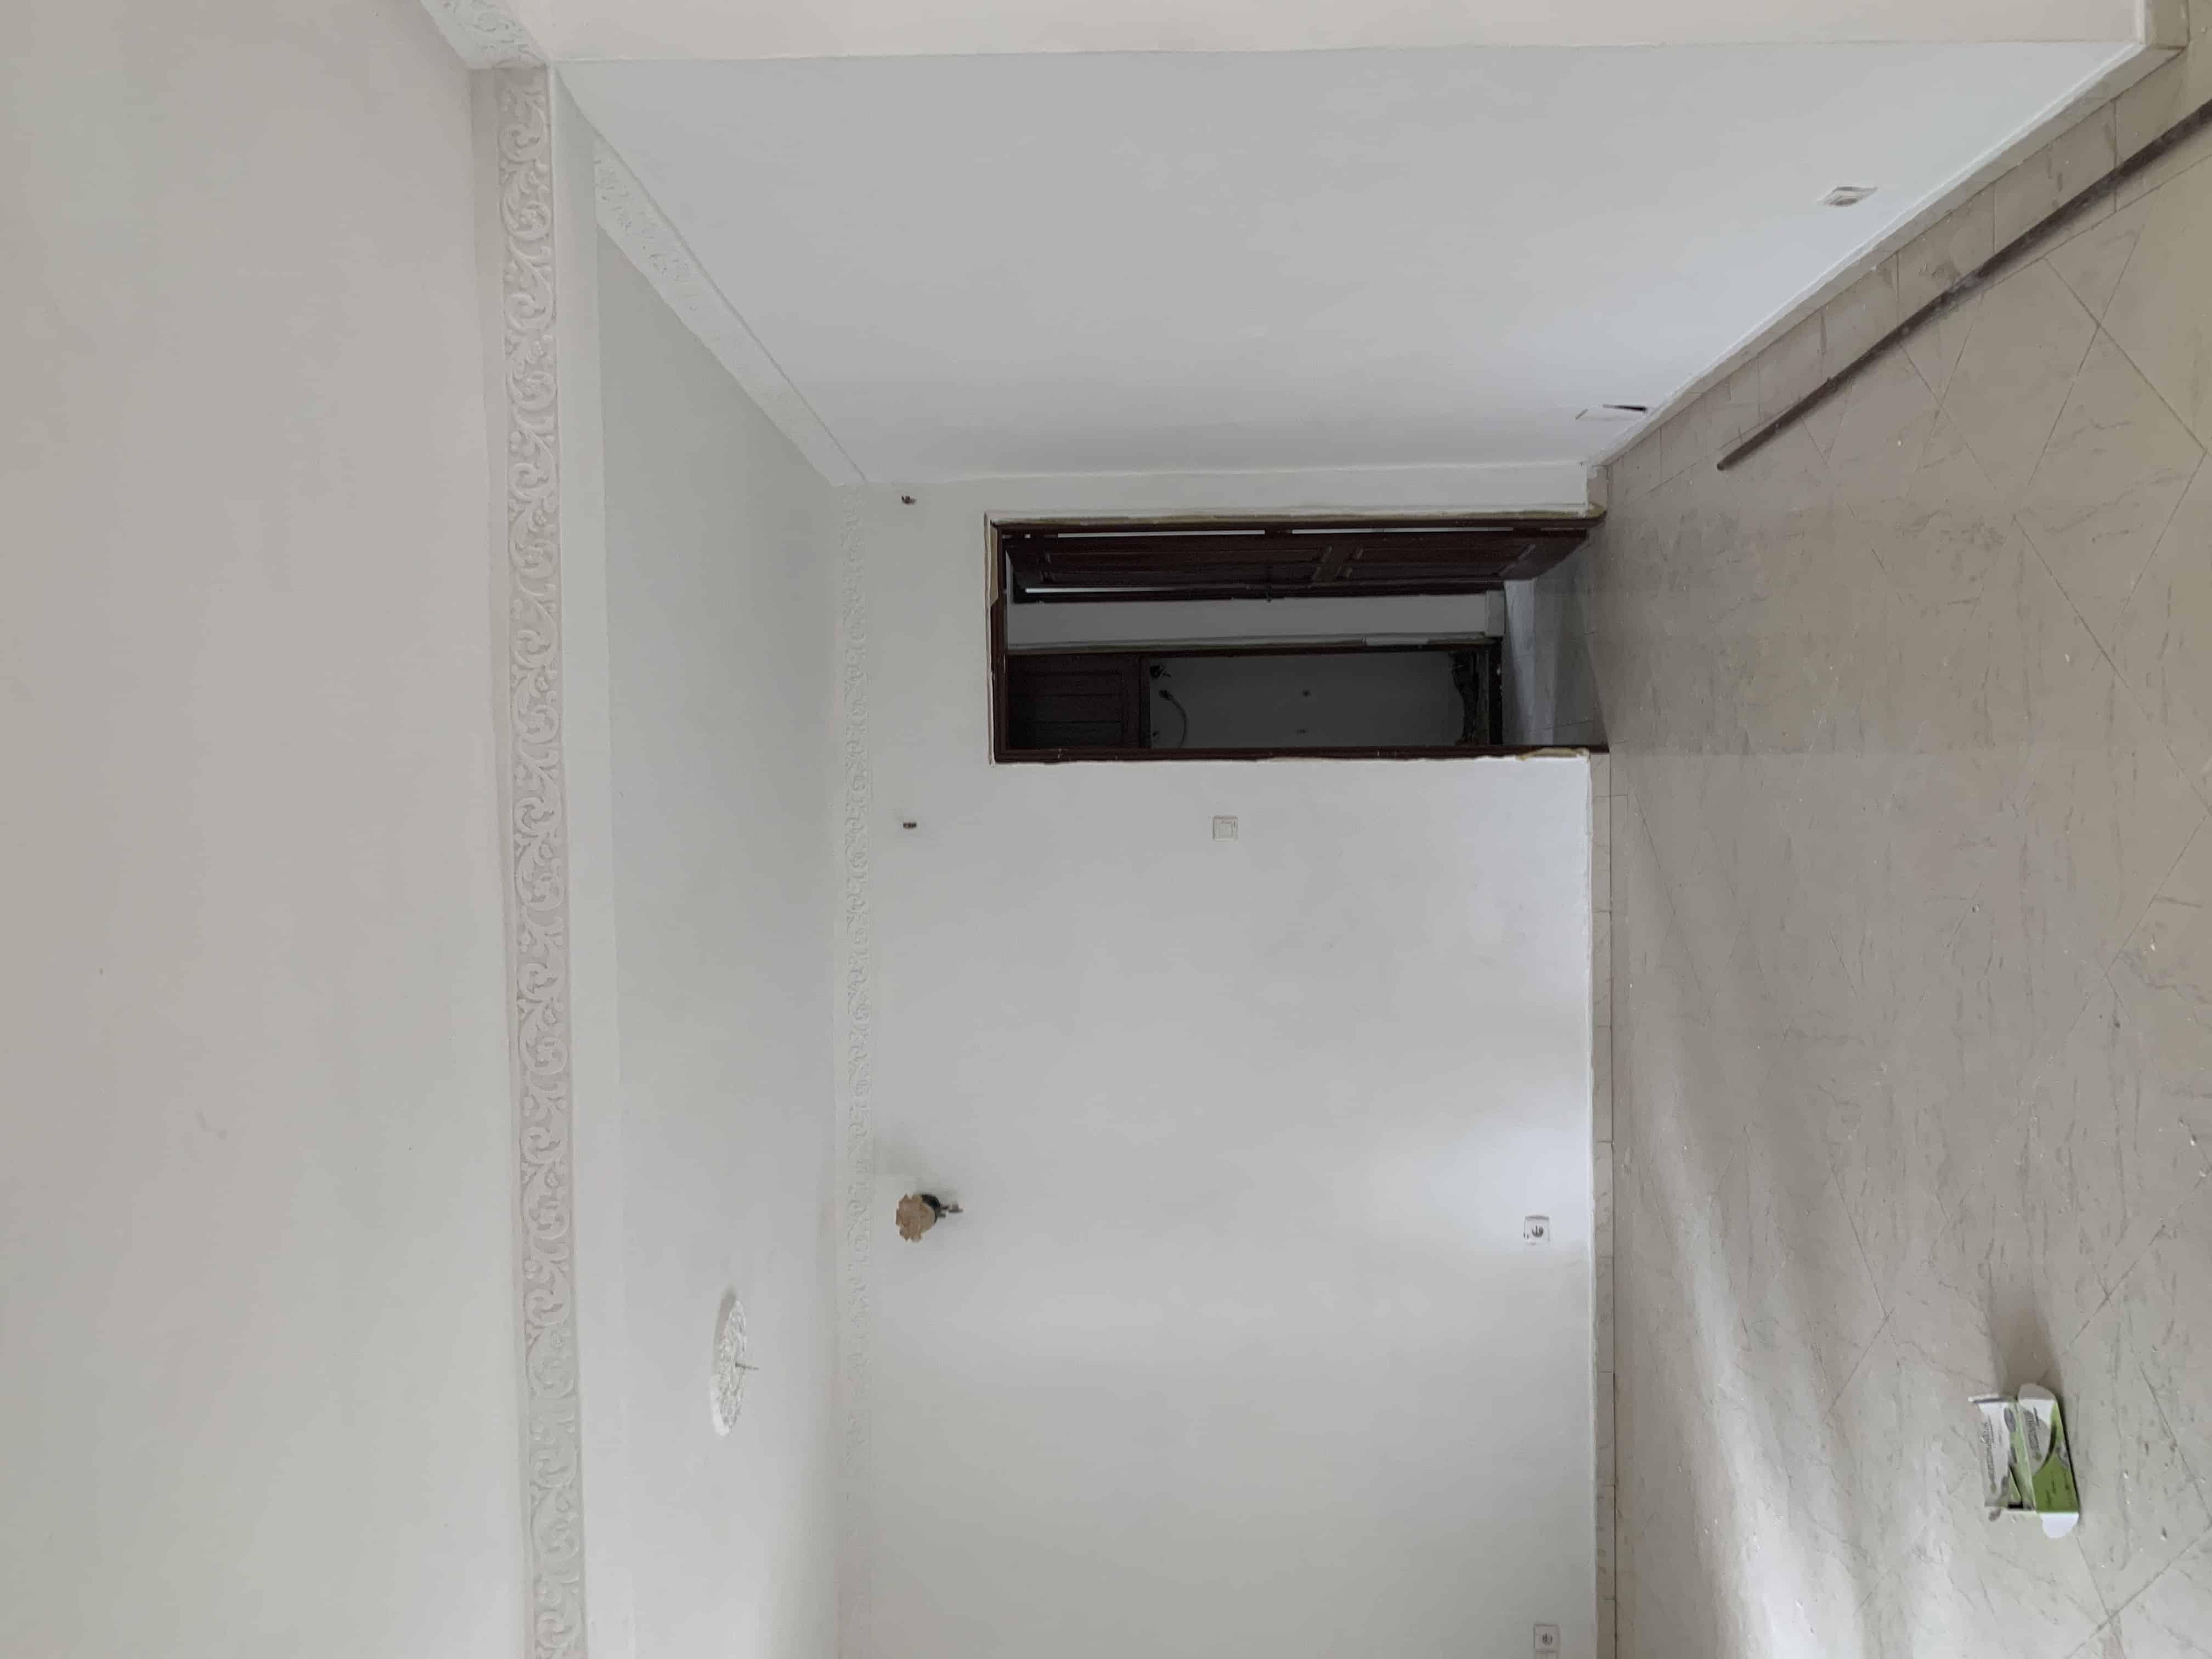 Appartement à louer - Yaoundé, Bastos, Quartier golf - 1 salon(s), 3 chambre(s), 2 salle(s) de bains - 350 000 FCFA / mois